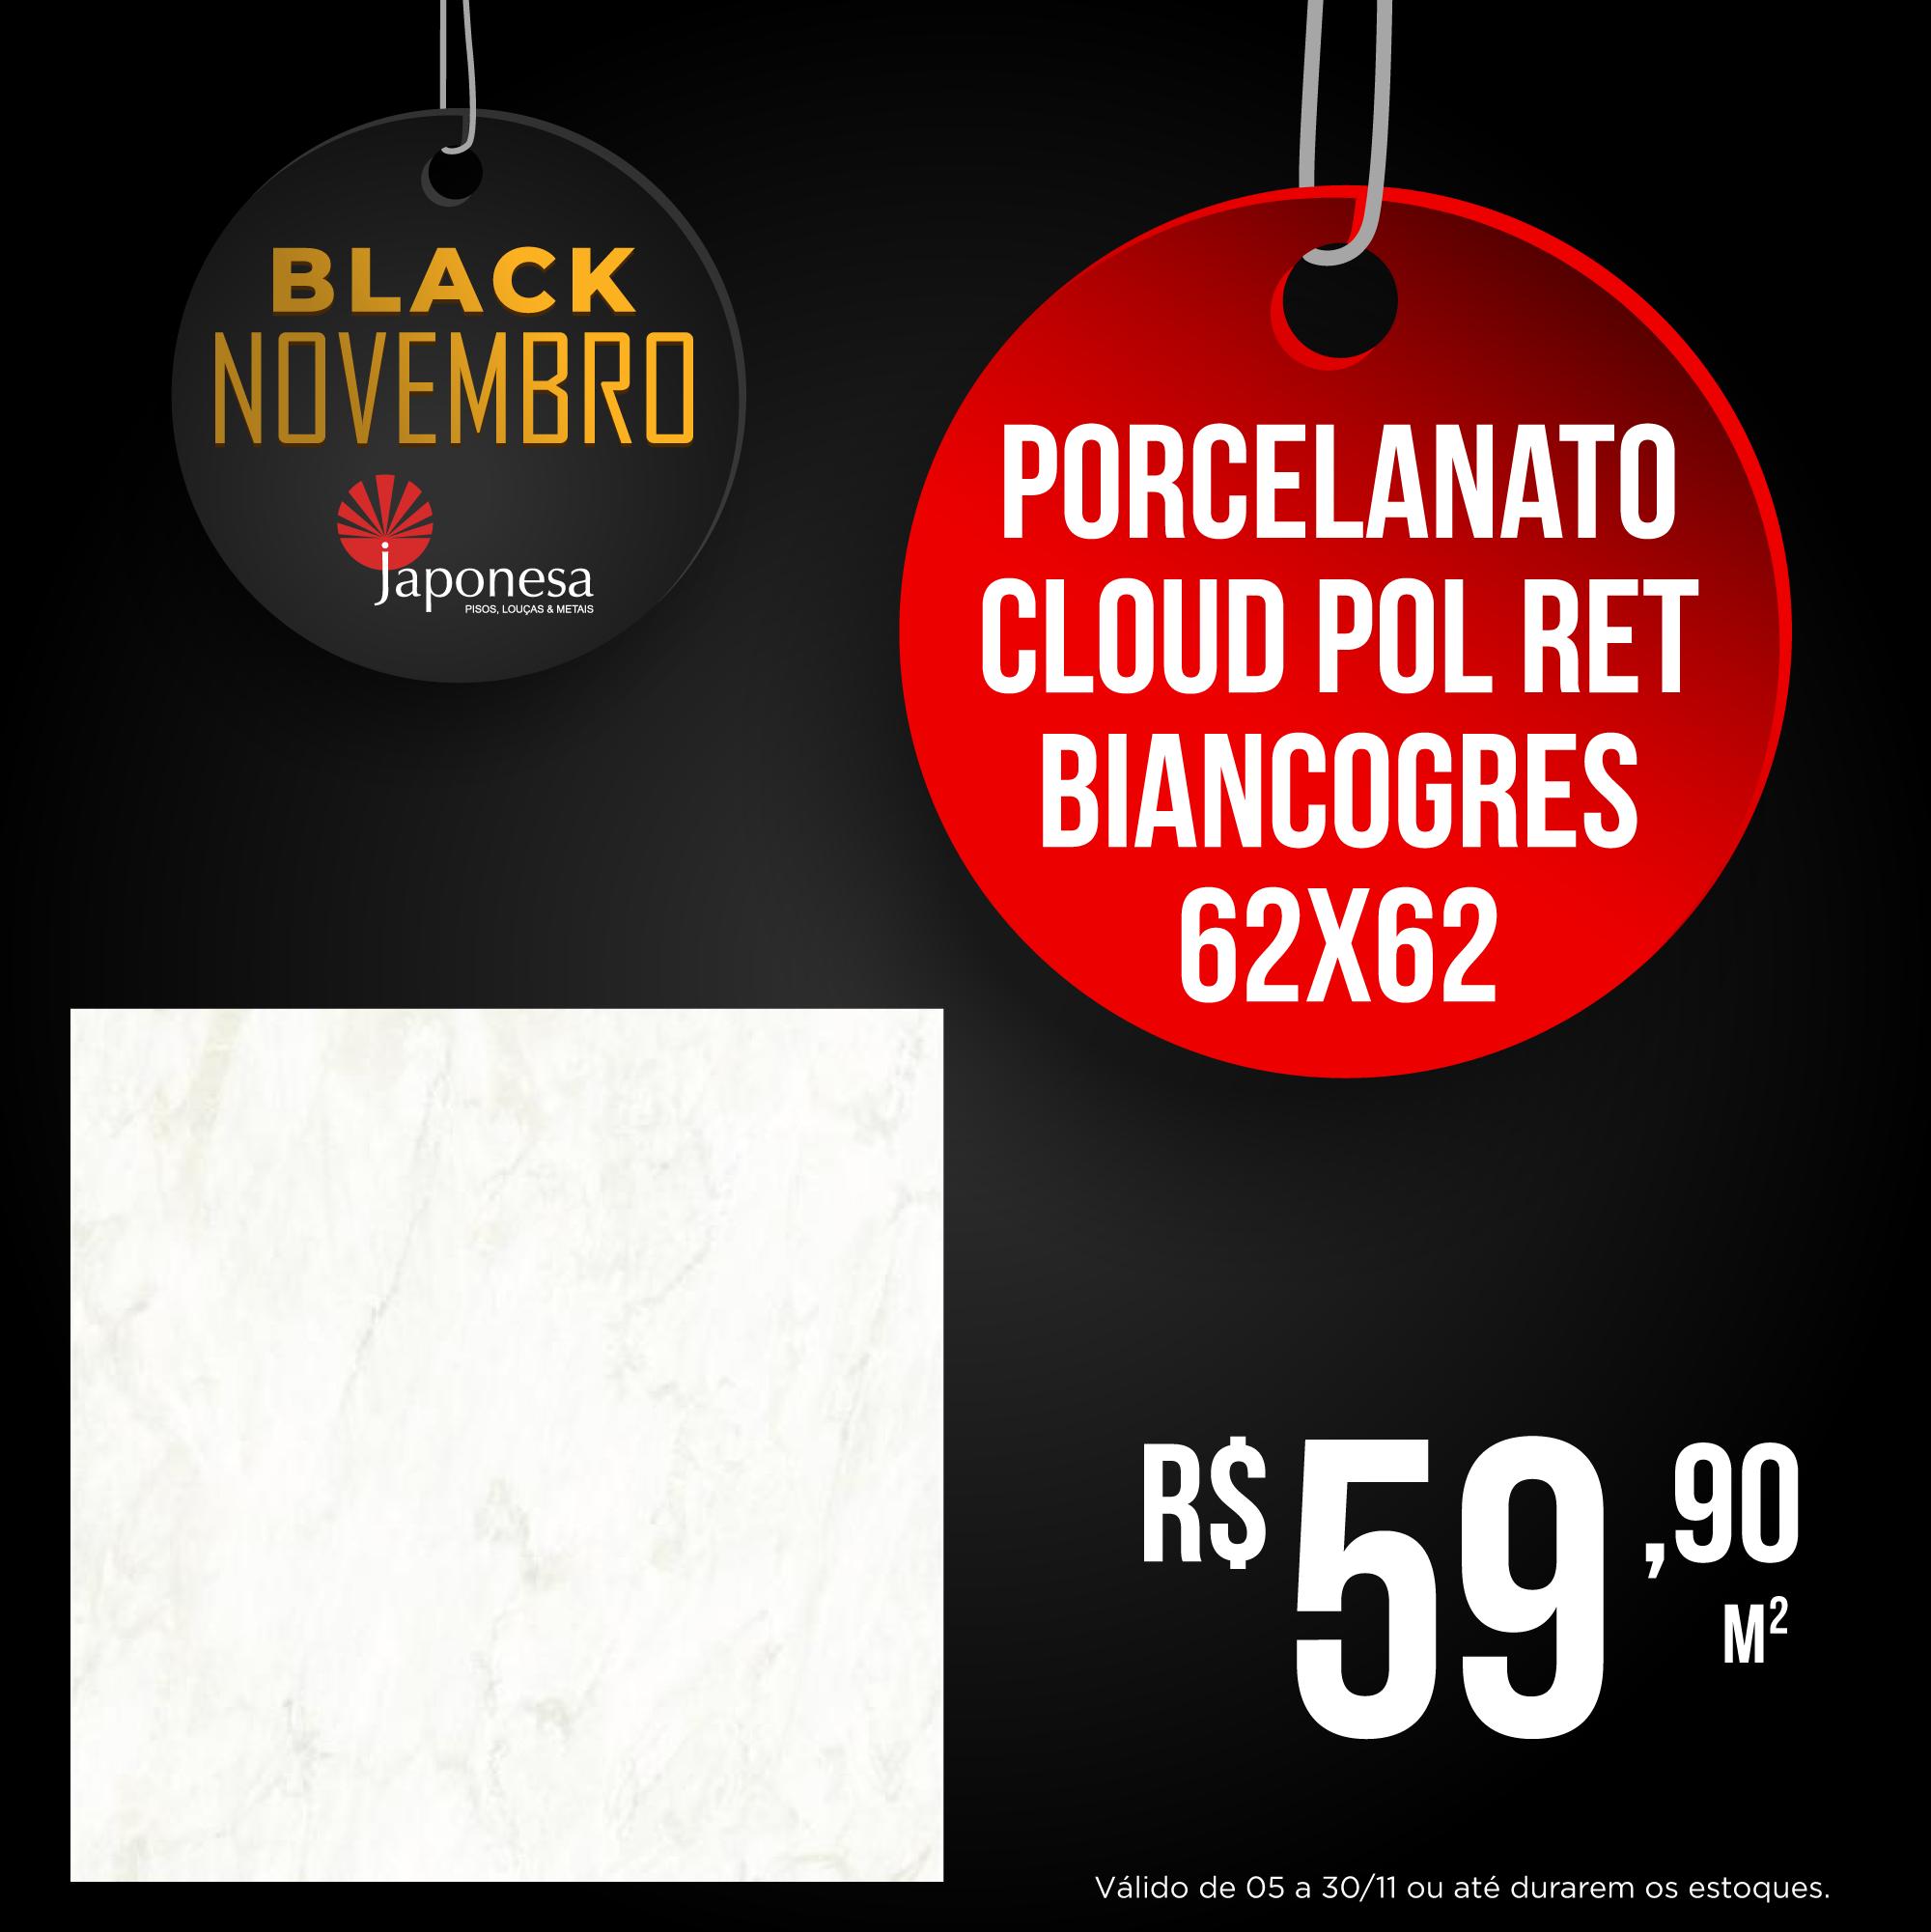 PORCELANATO CLOUD POL RET BIANCOGRES 62X62